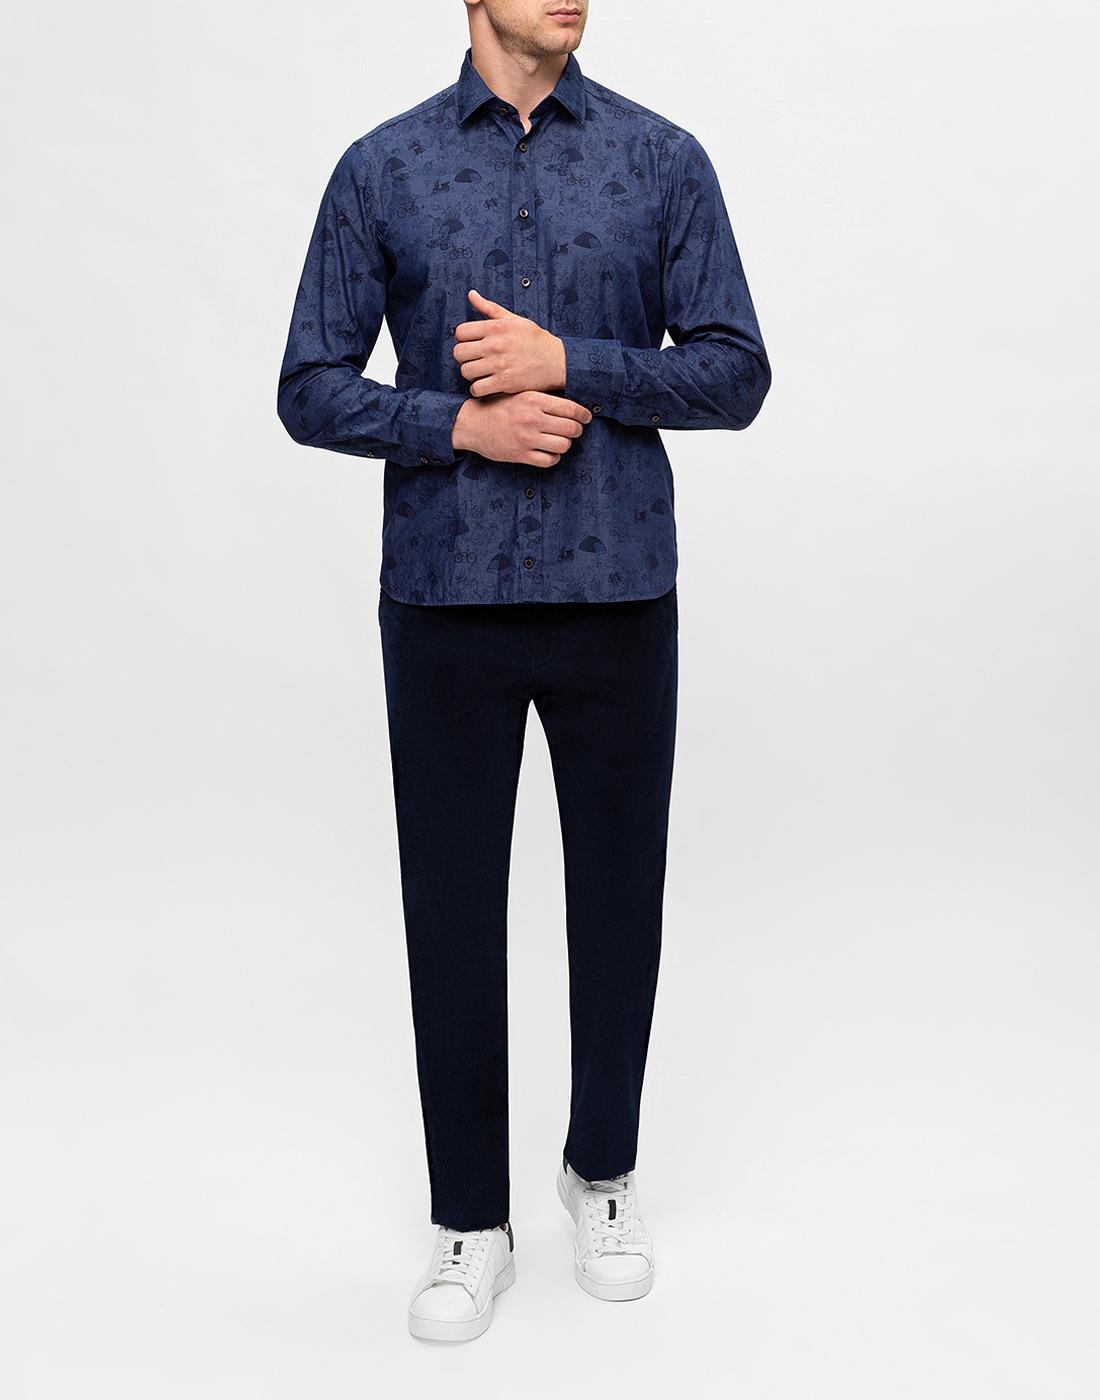 Мужские темно-синие вельветовые брюки Hiltl  S74818 43 71700-5